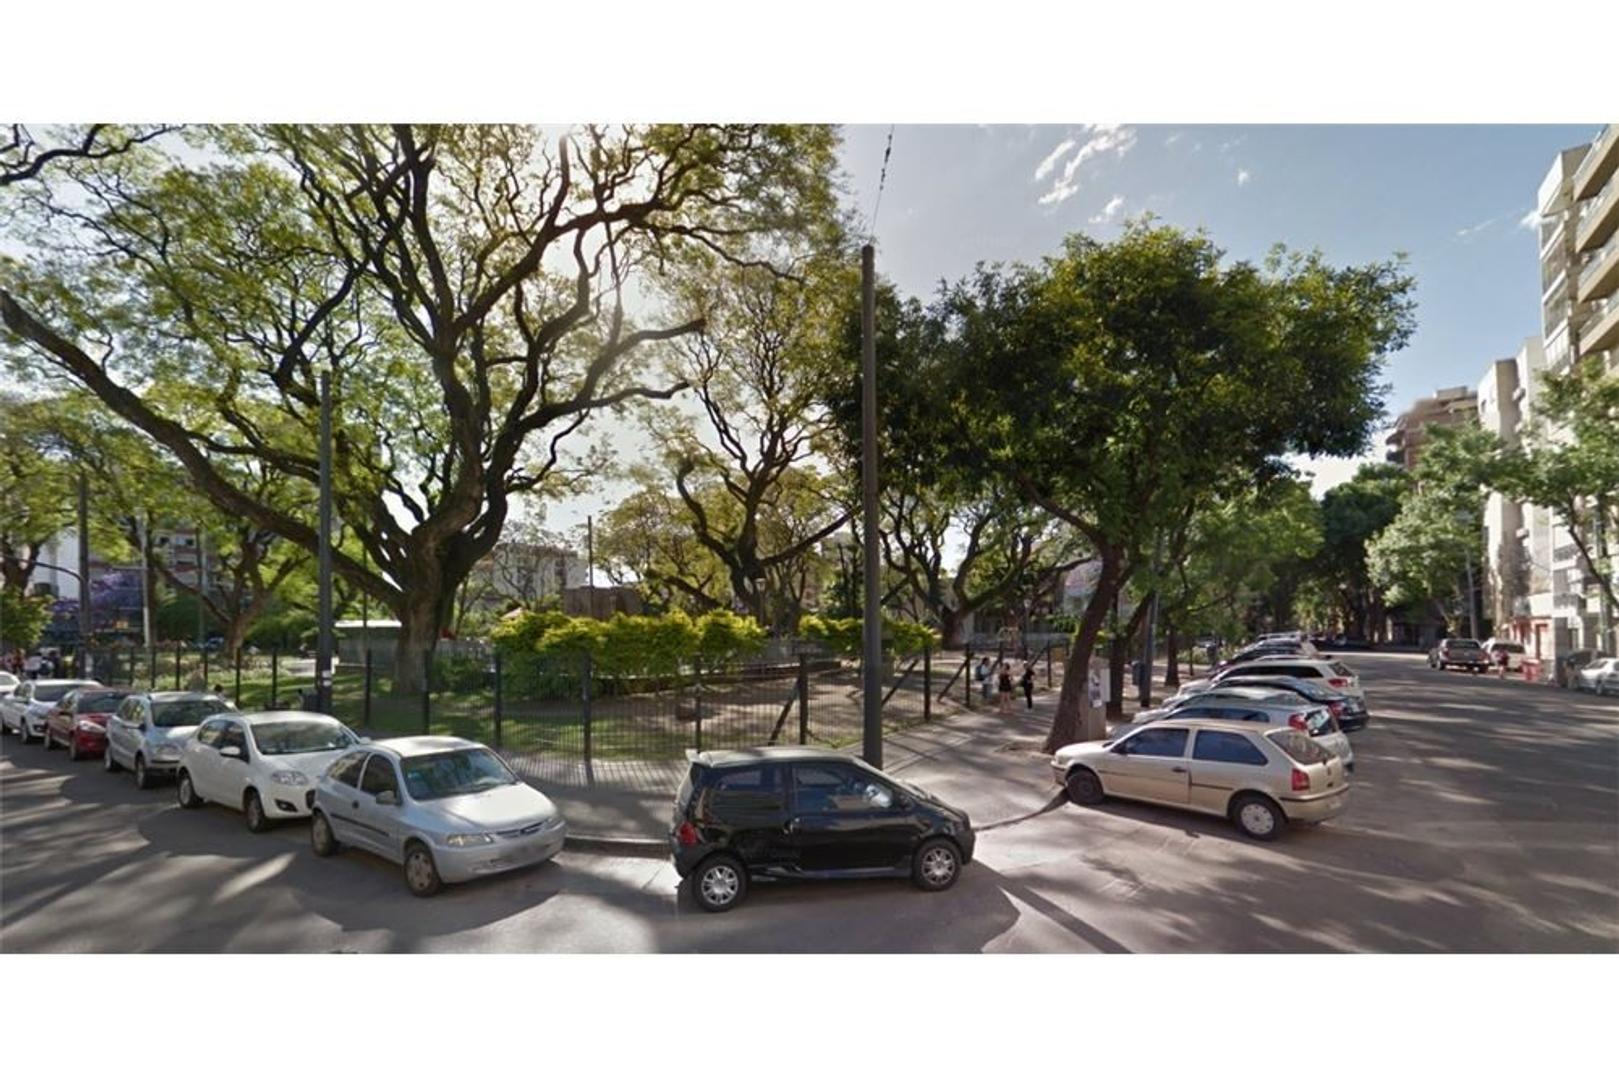 LOTE 9m x 26m en óptima ubicación! Frente a plaza.